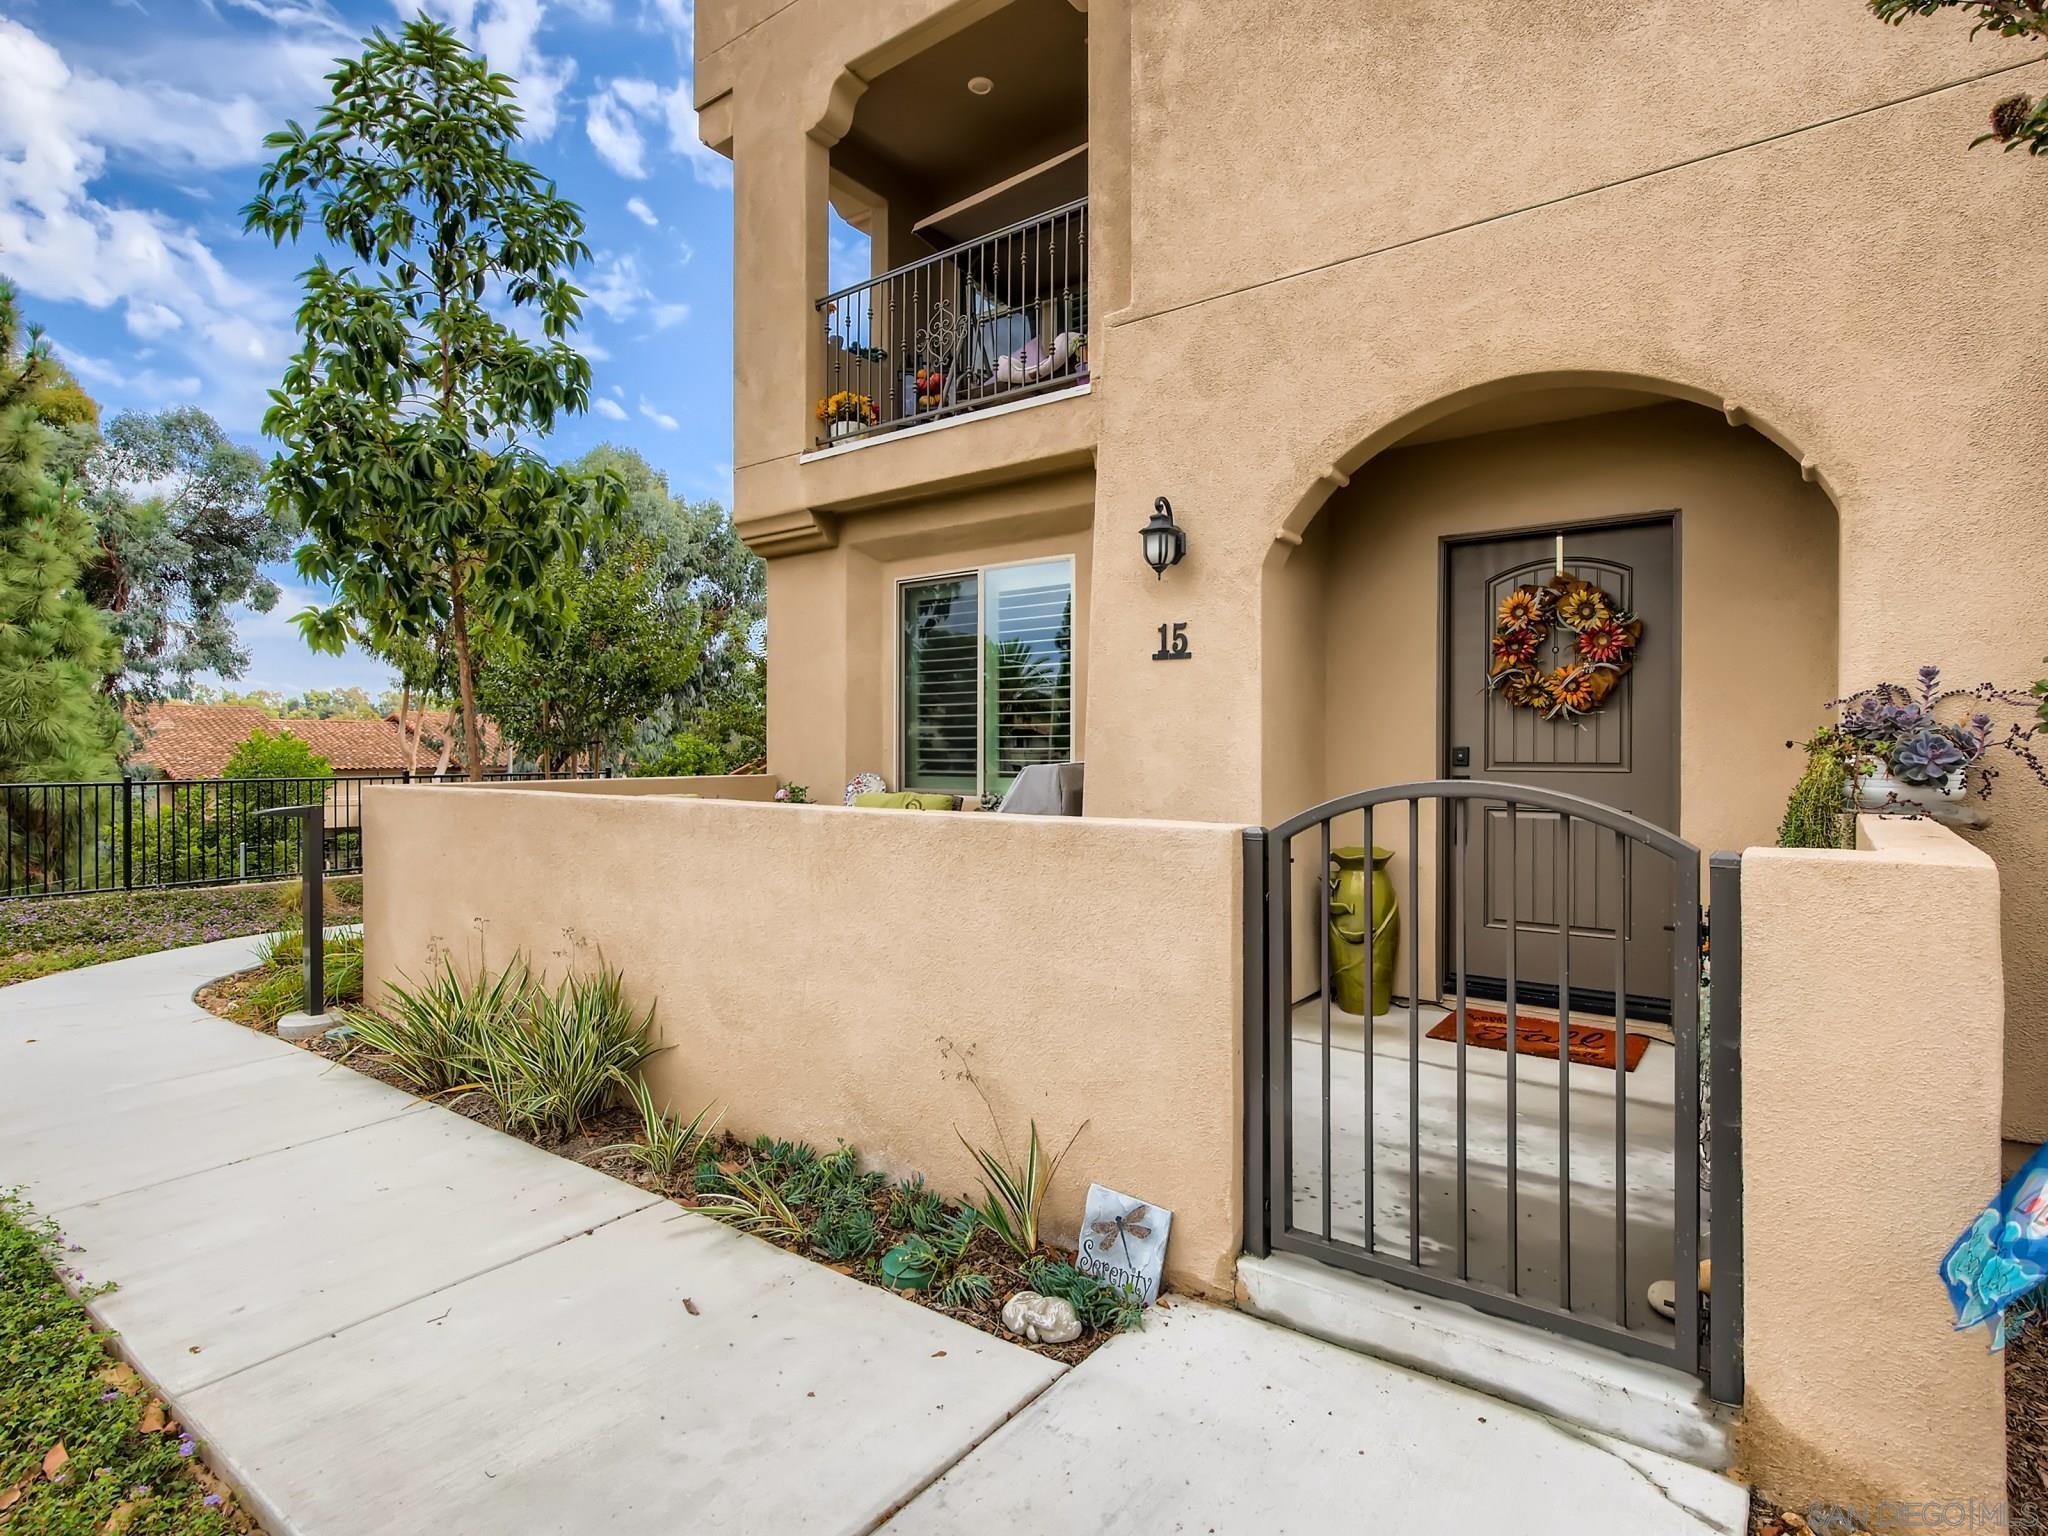 1569 Castillo Way 15, Vista, CA 92081